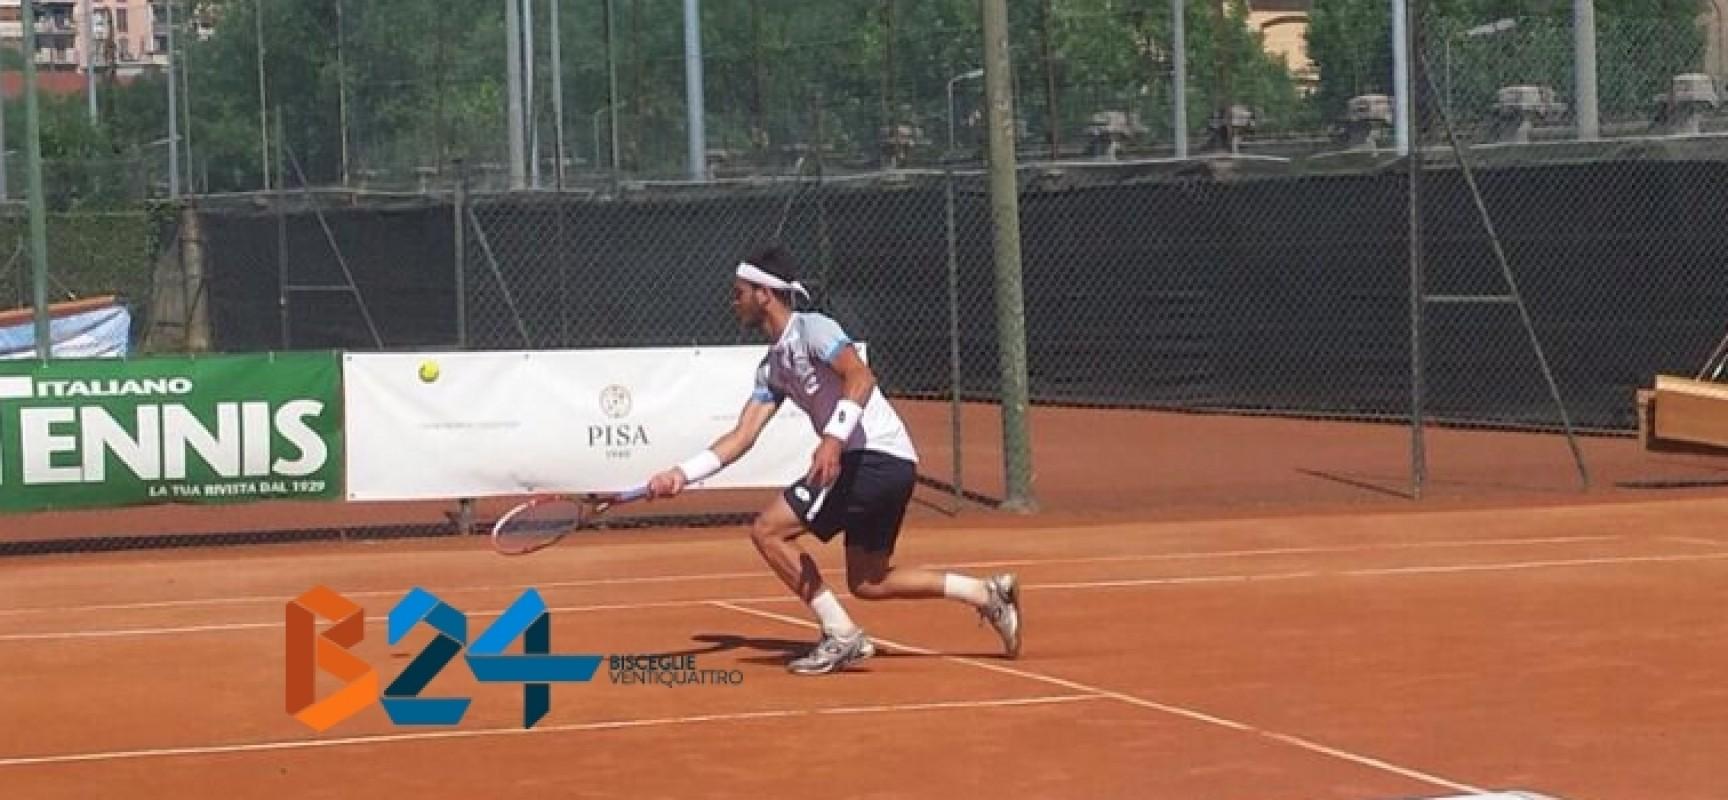 Tennis, Andrea Pellegrino al via dell'ITF Raiffeisen Future 2017